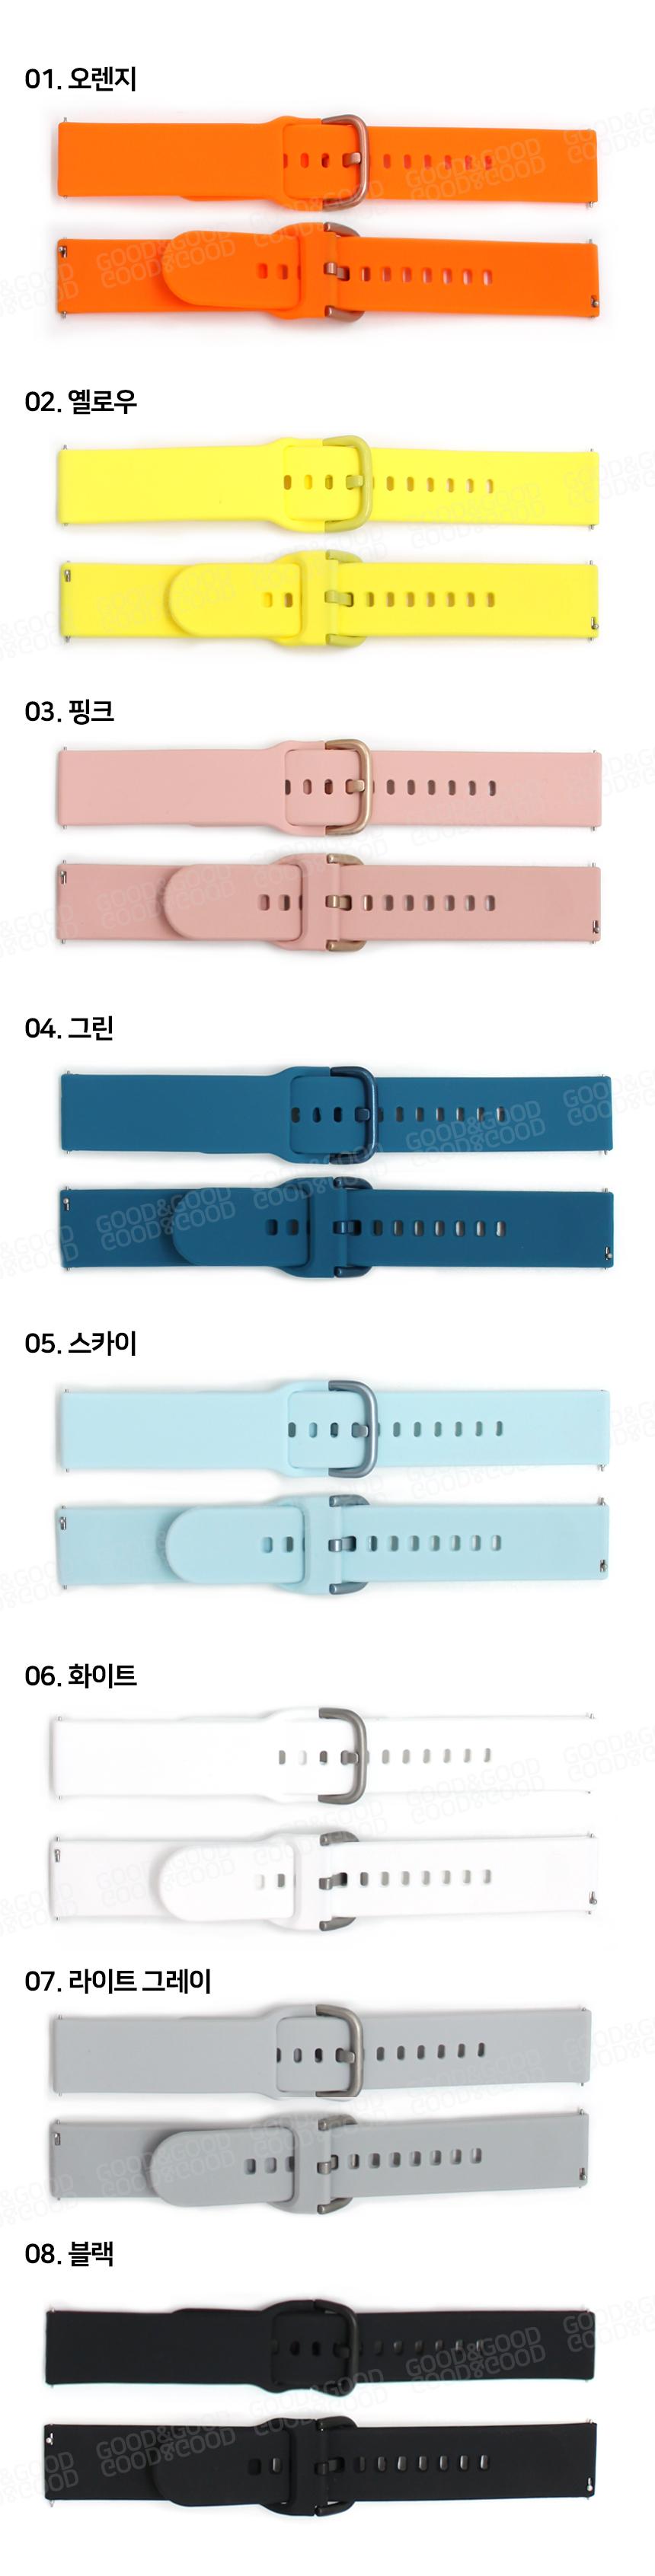 파스텔톤의 다양한 8가지 색상 데일리 액티브 러버 20mm시계줄로 파스텔톤과 동일한 색상의 시계줄 버클로 더욱 일체화된 디자인을 즐기실 수 있습니다.